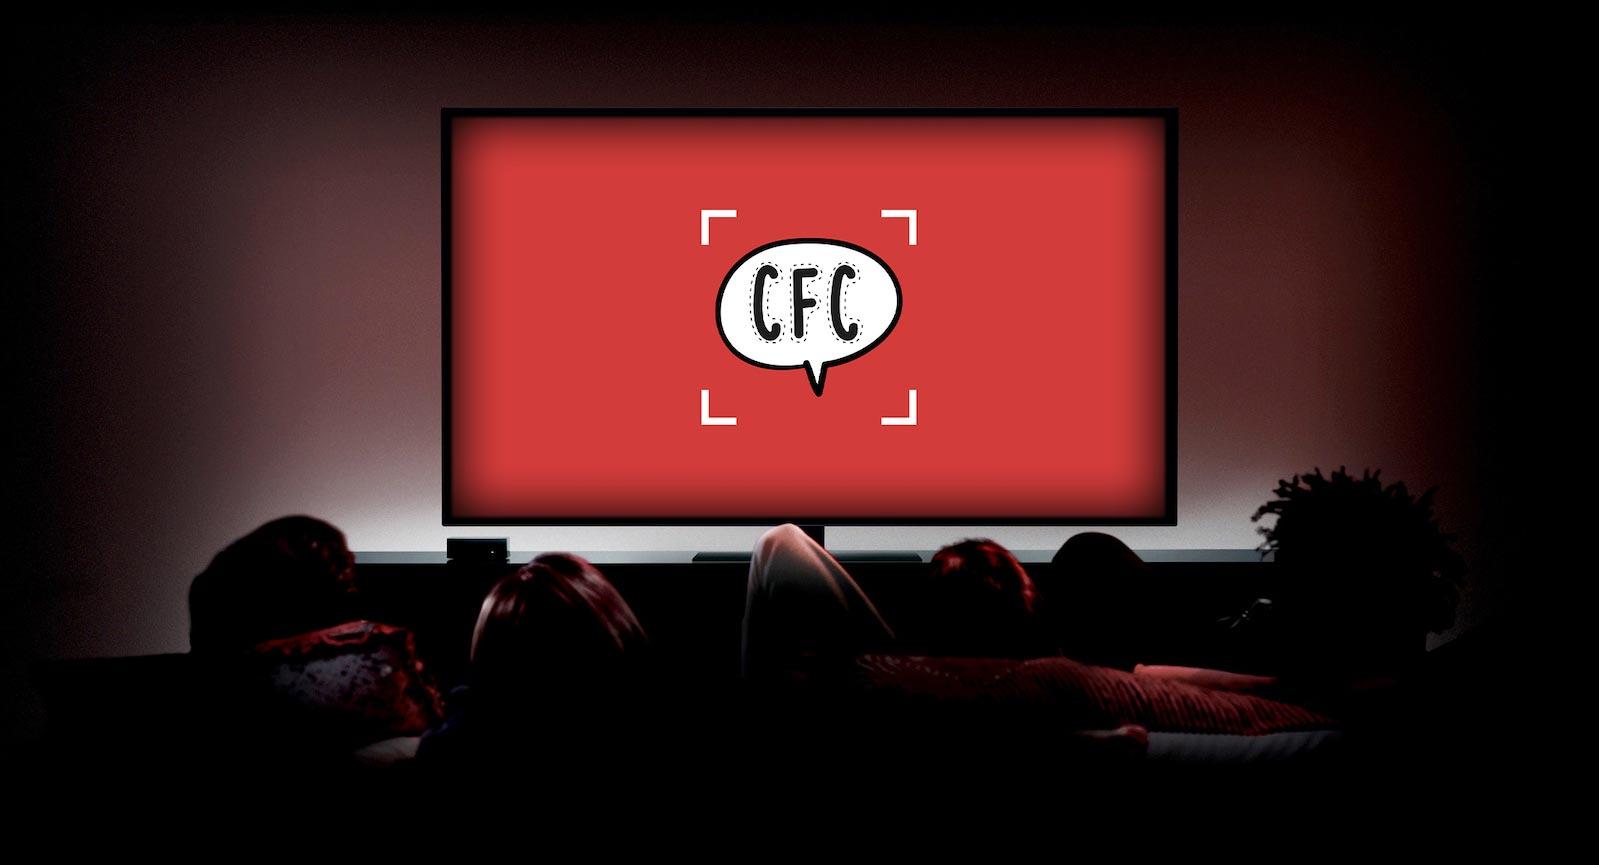 cfc-tv3